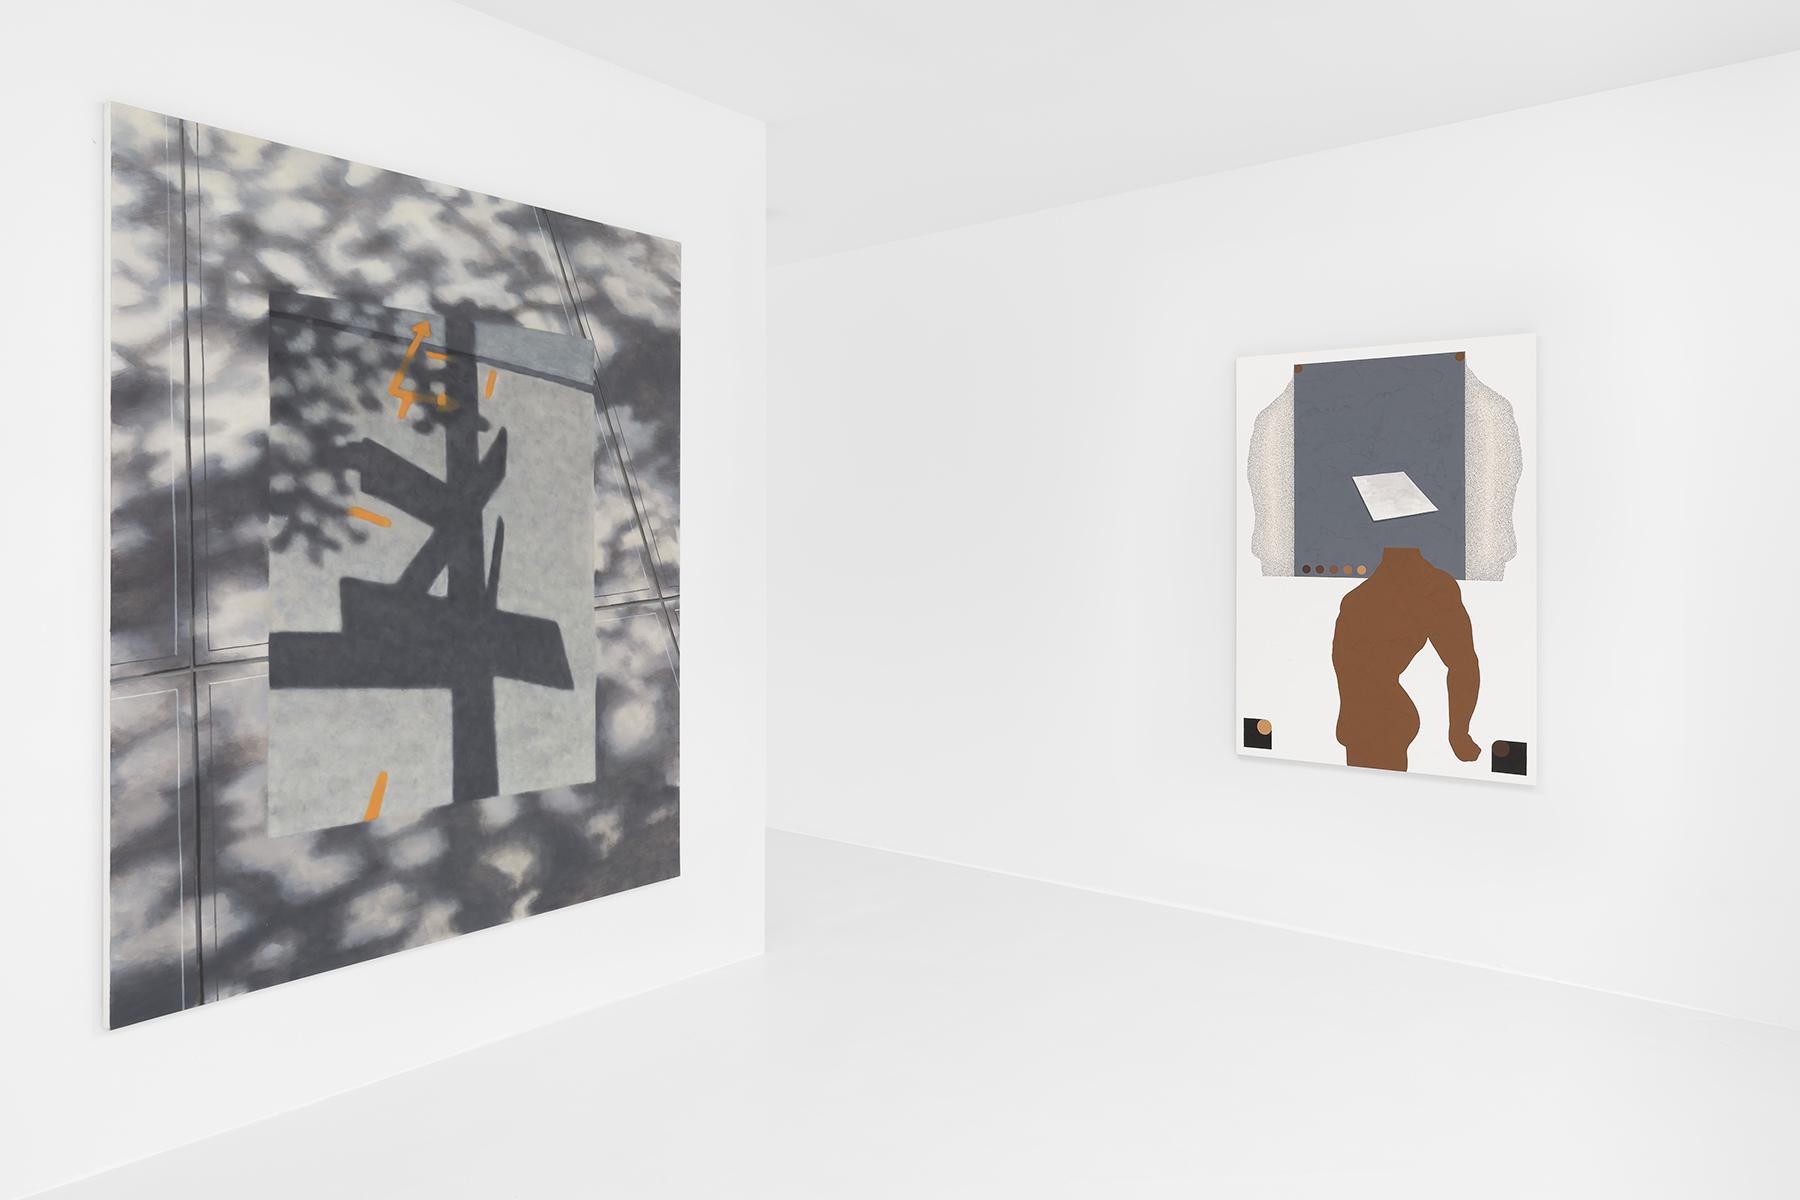 L'IM_MAGE_N, installation view, 2019